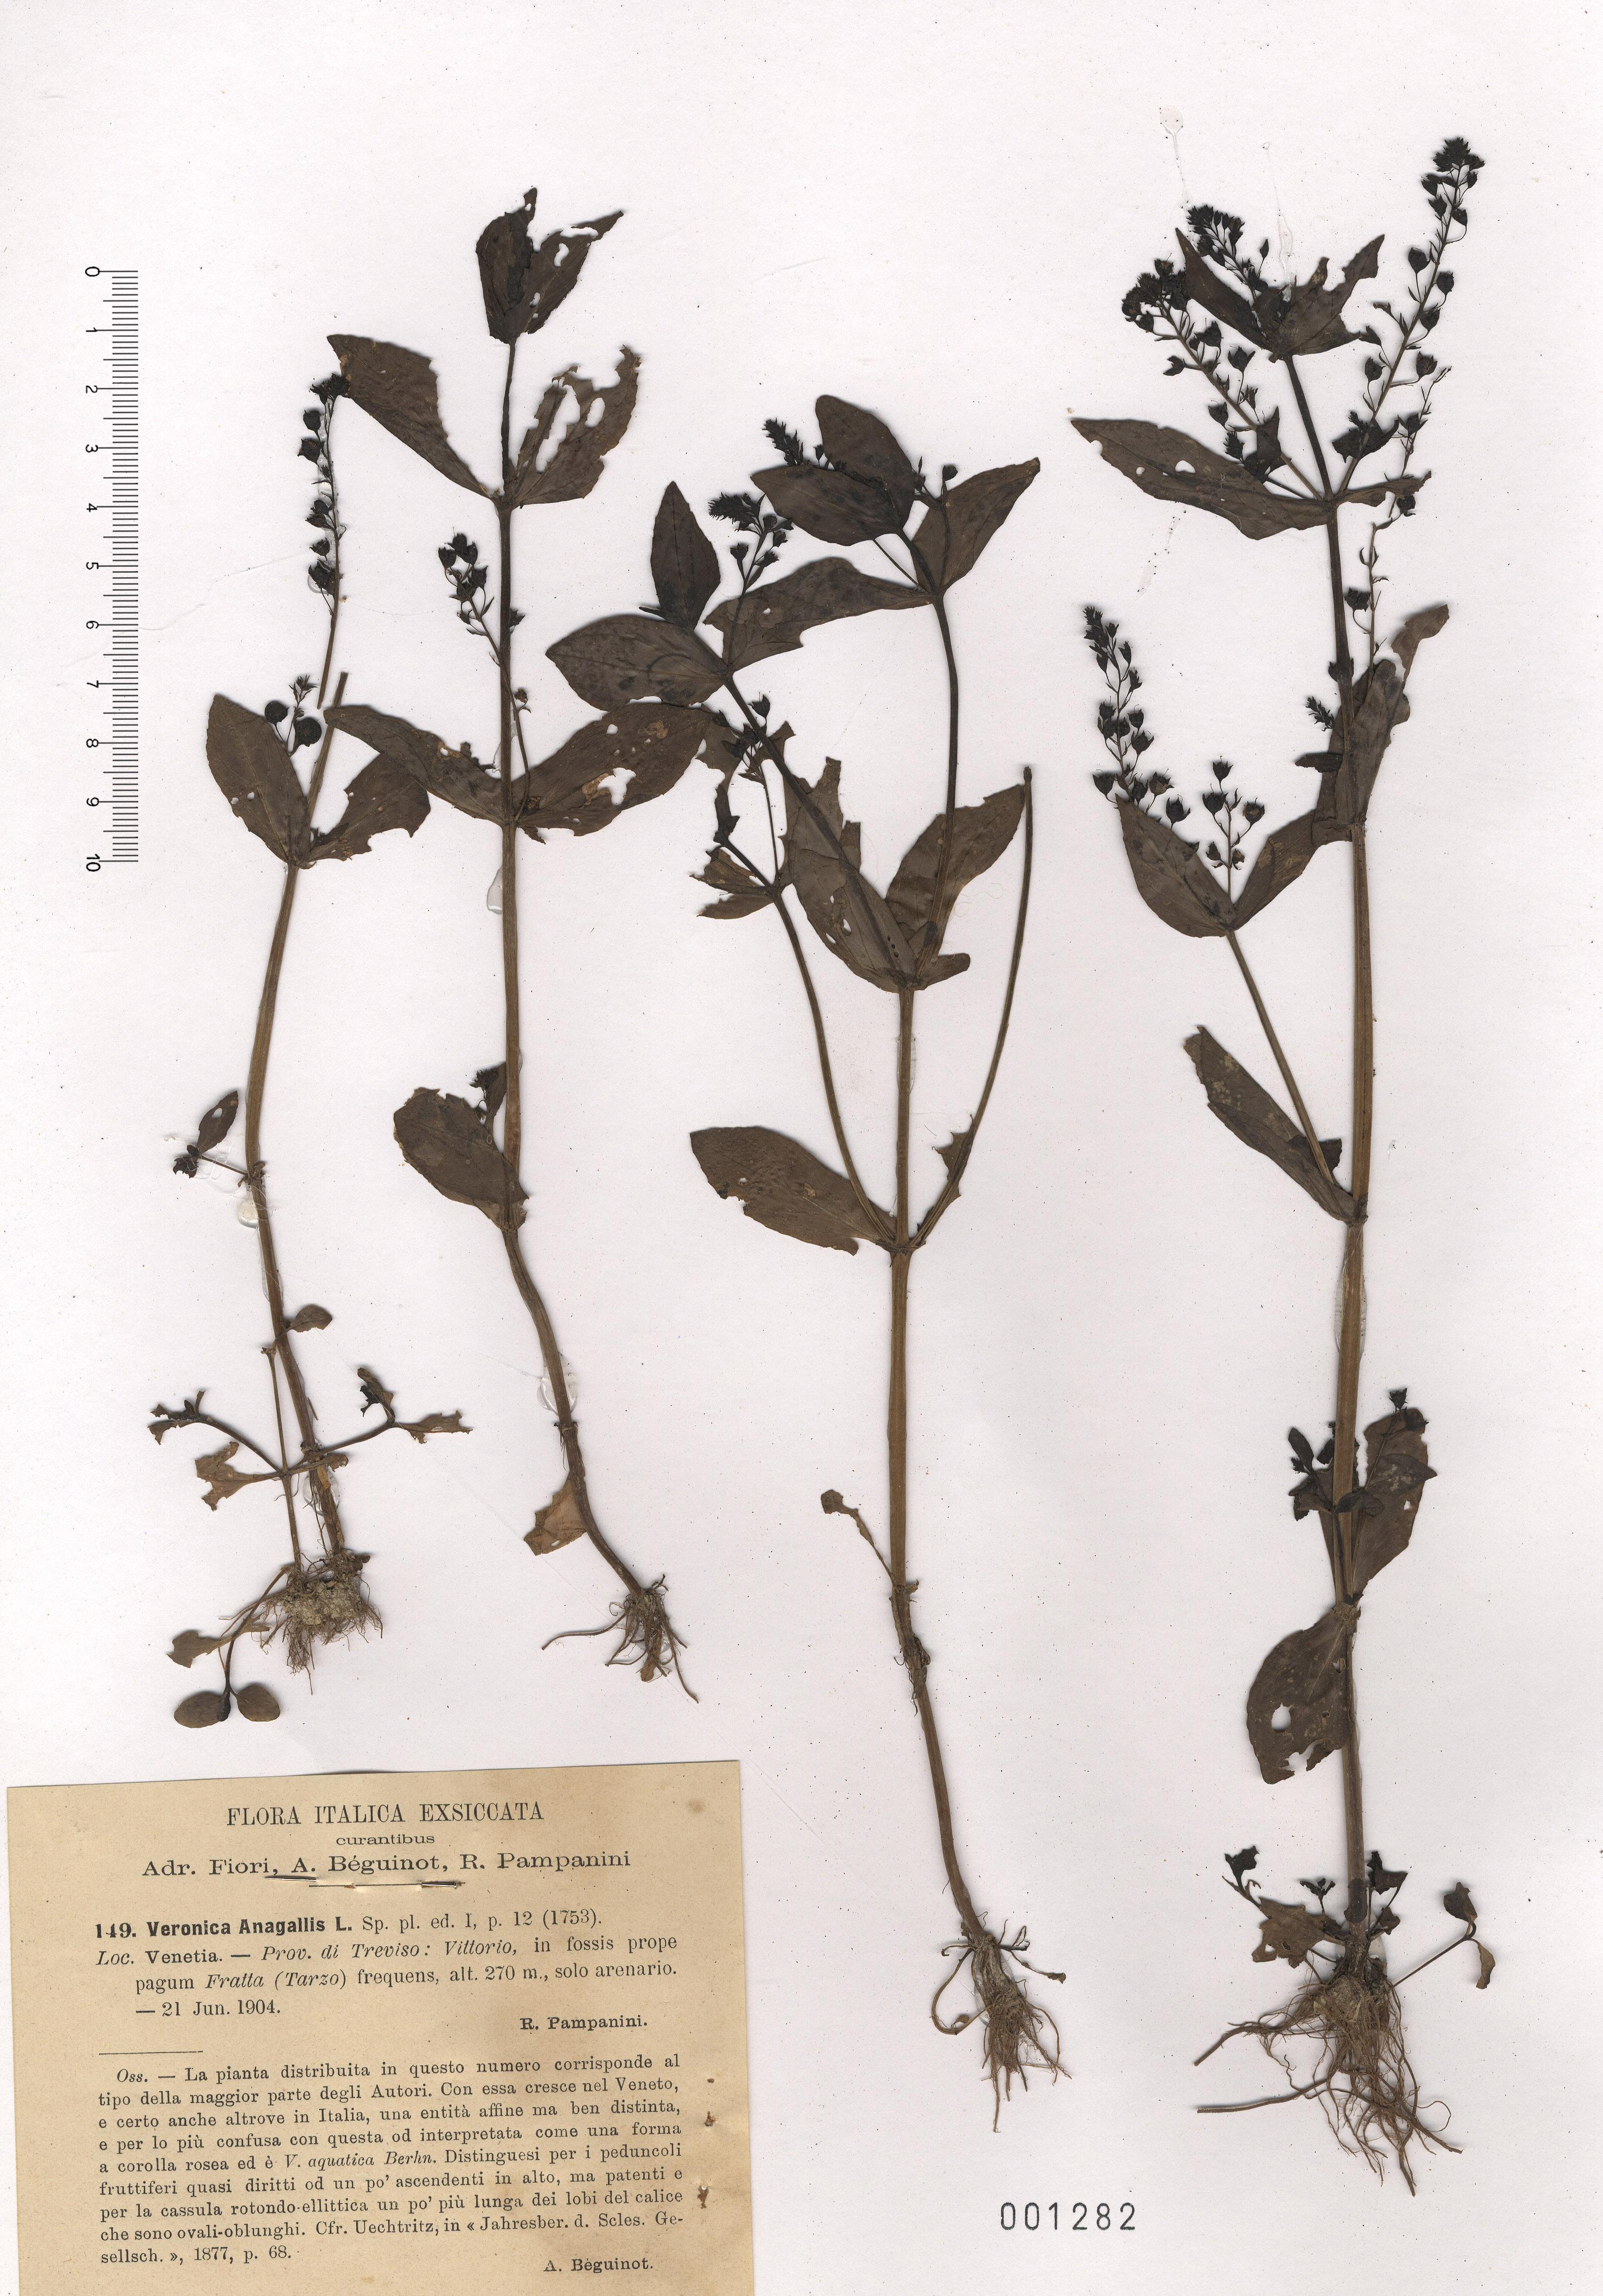 © Hortus Botanicus Catinensis - Herb. sheet 001282<br>